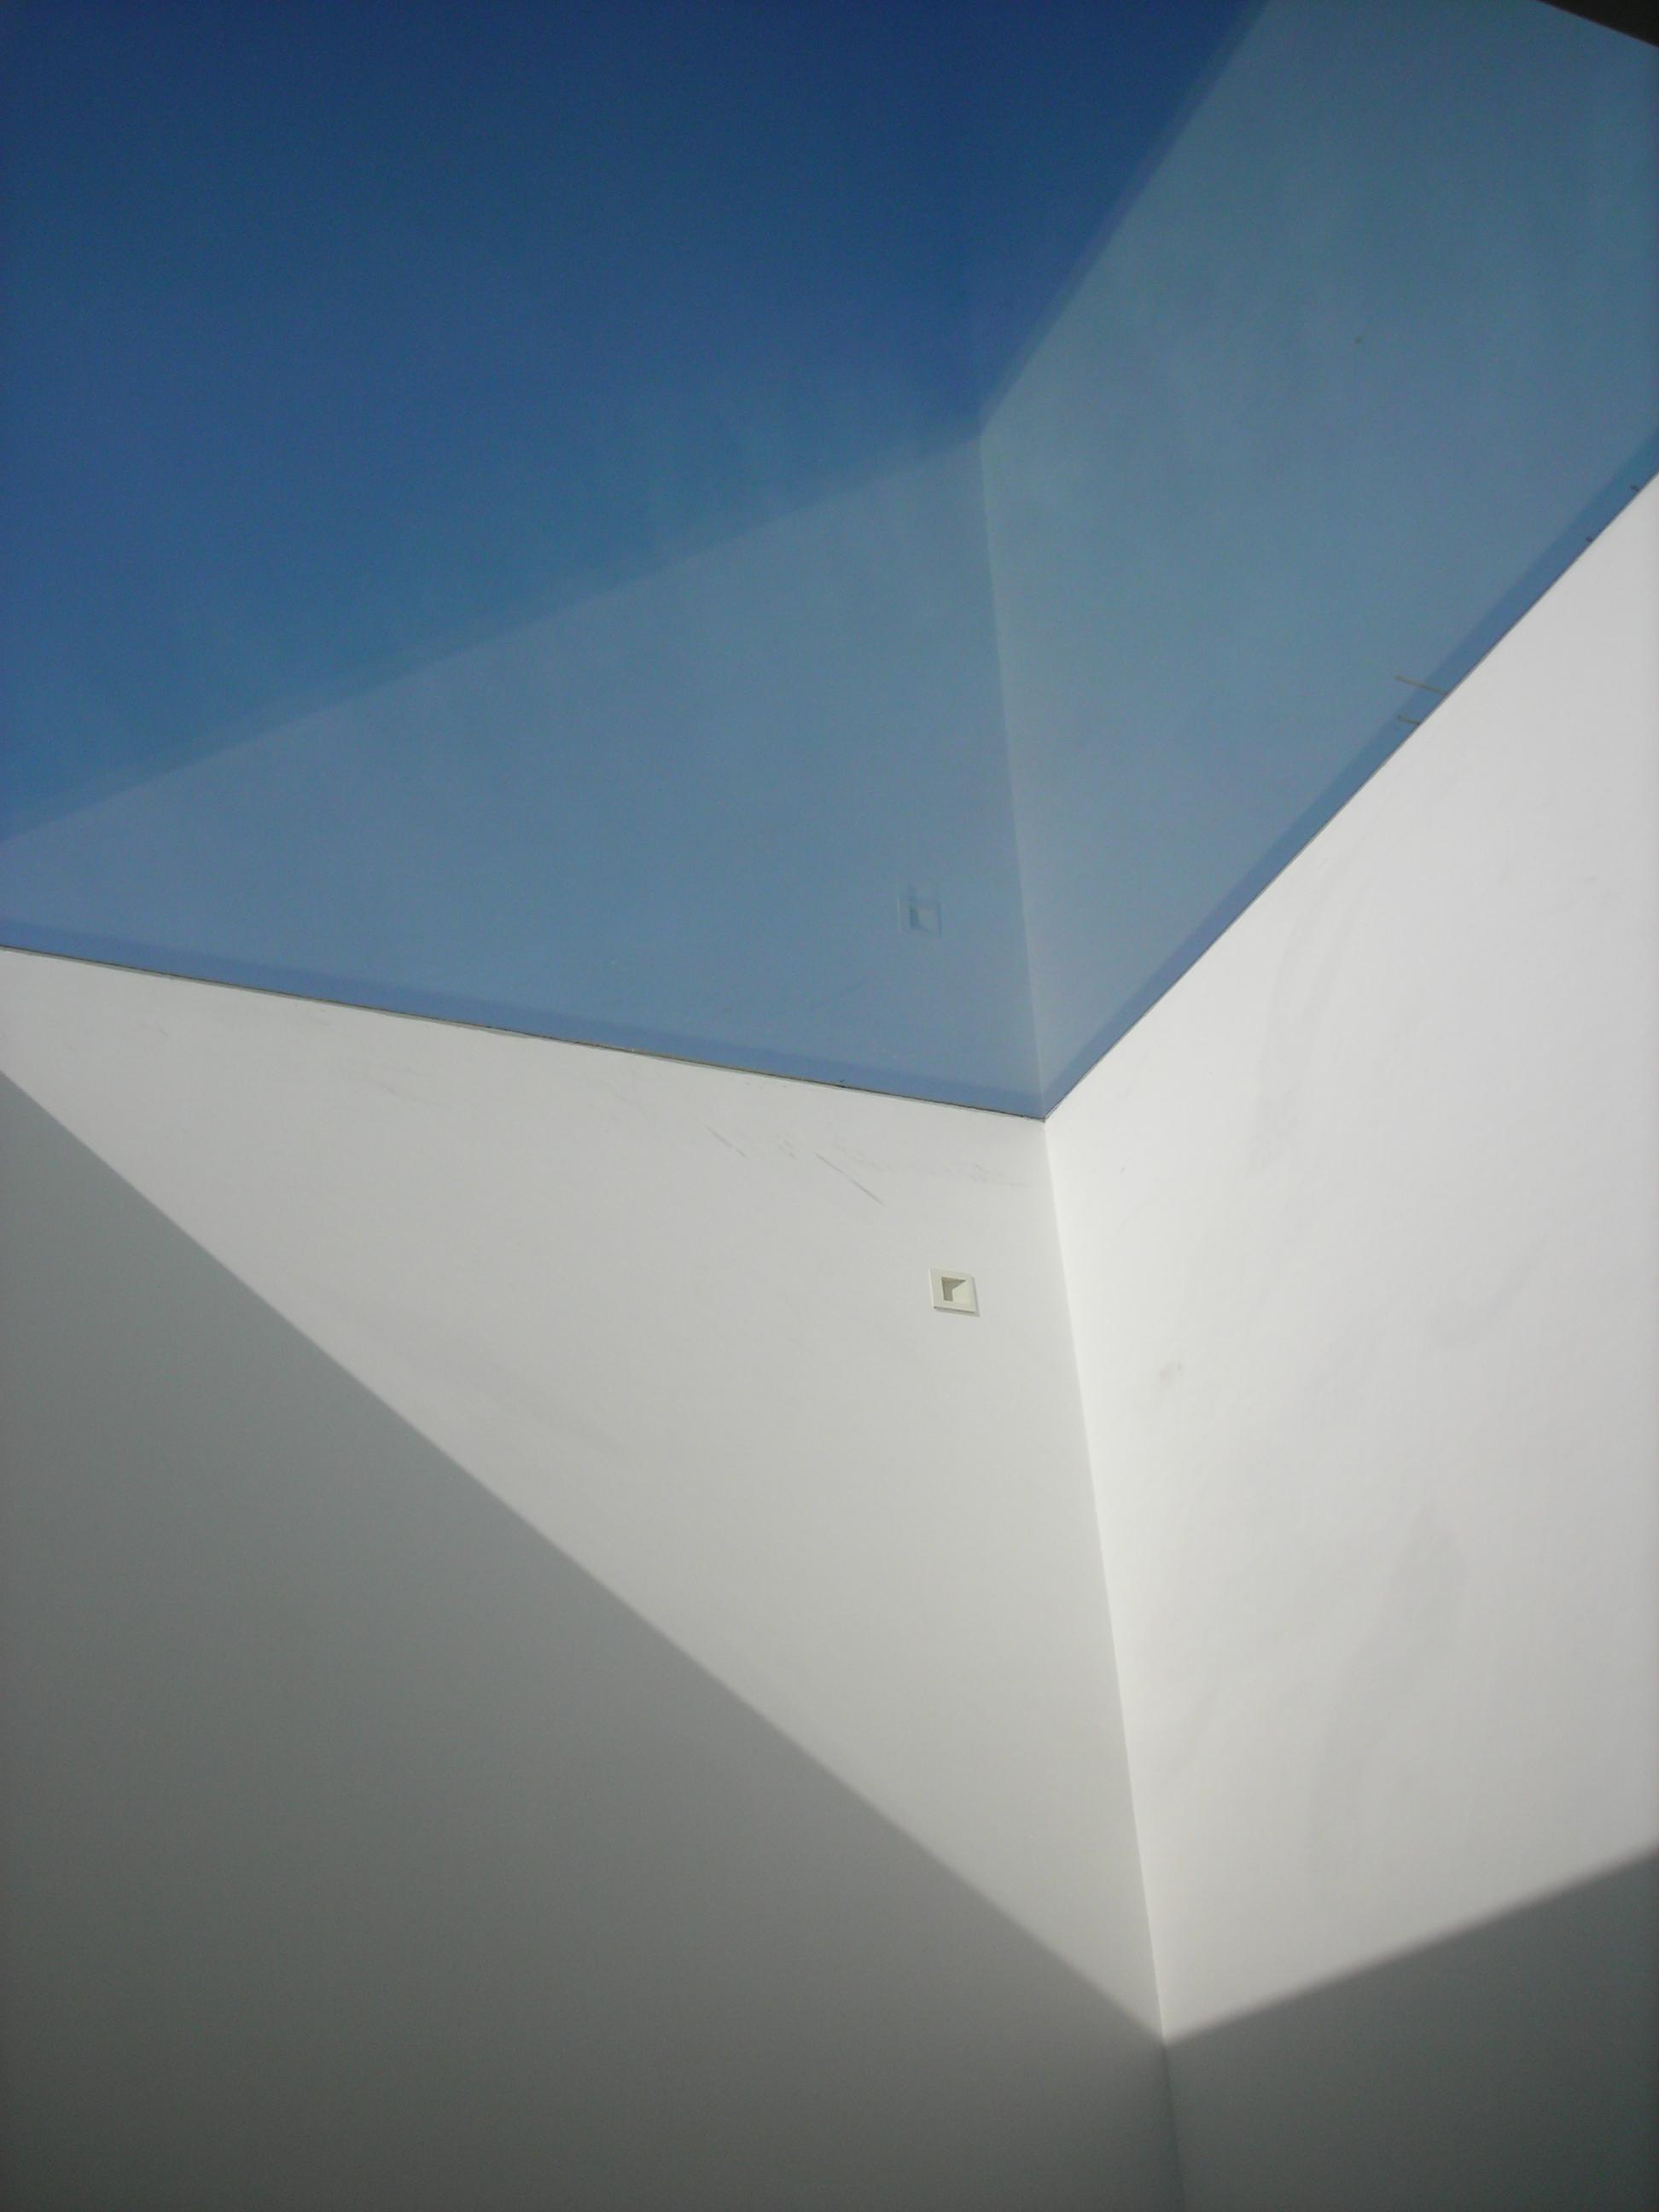 roof light for good daylighting.JPG